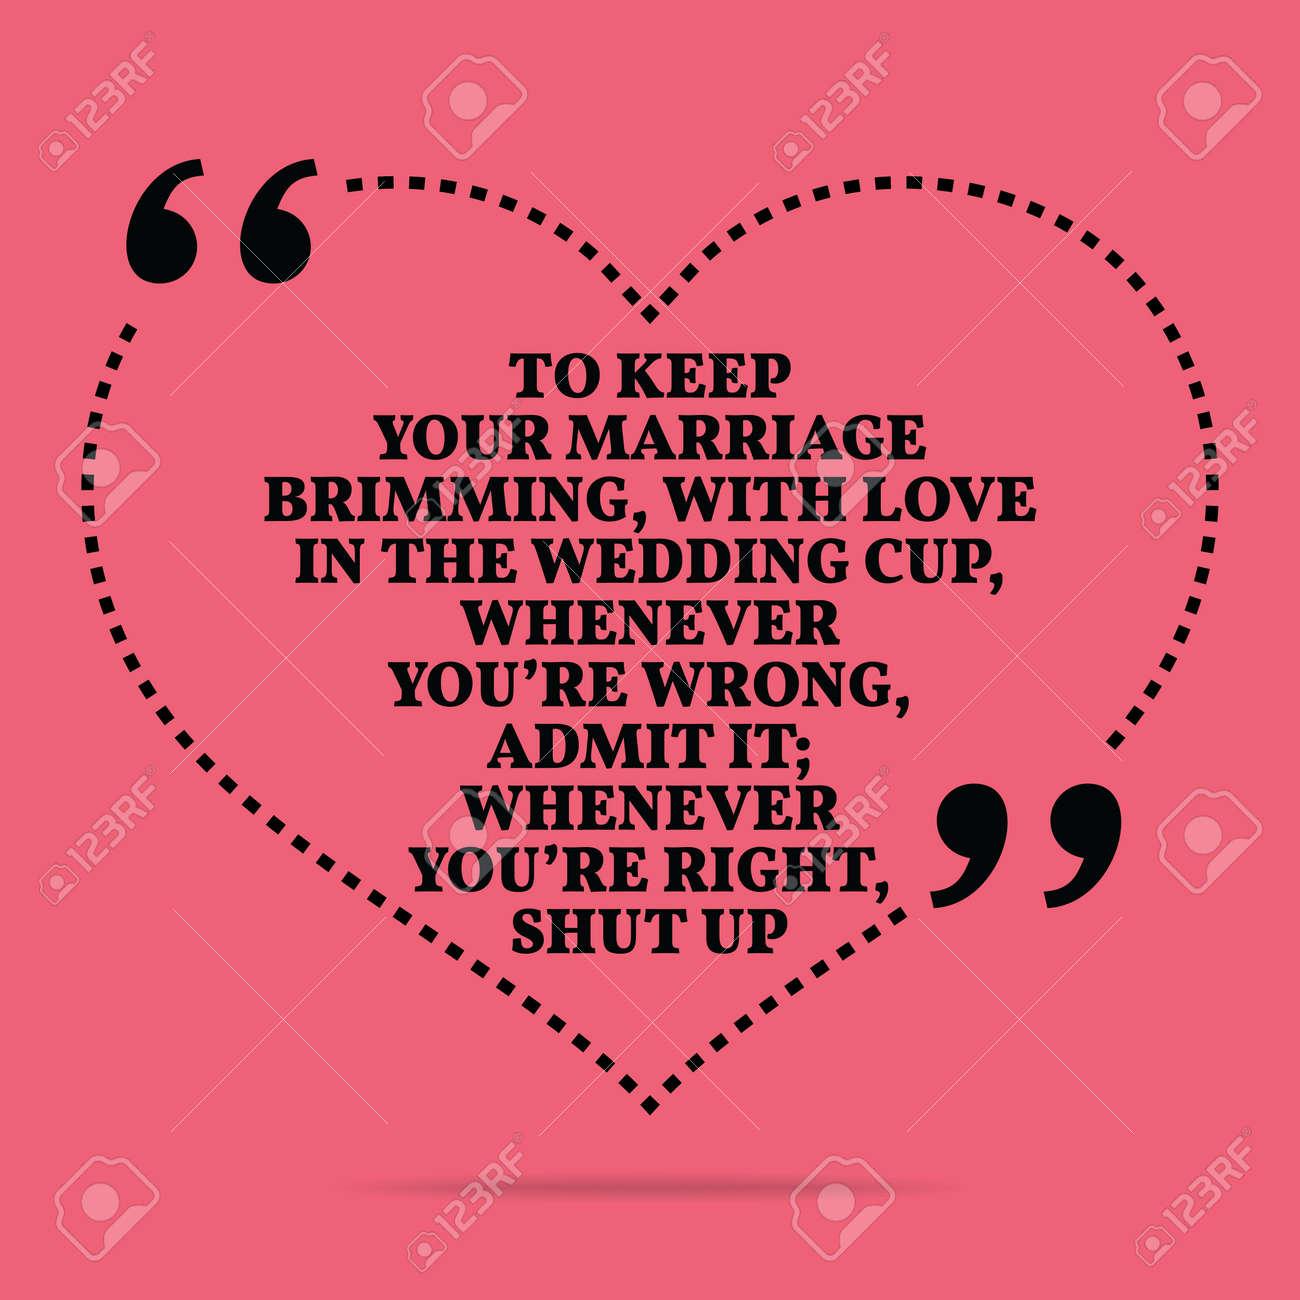 Citation Inspiree Amour De Mariage Pour Garder Votre Debordant De Mariage D Amour Dans La Tasse De Mariage Chaque Fois Que Vous Avez Tort